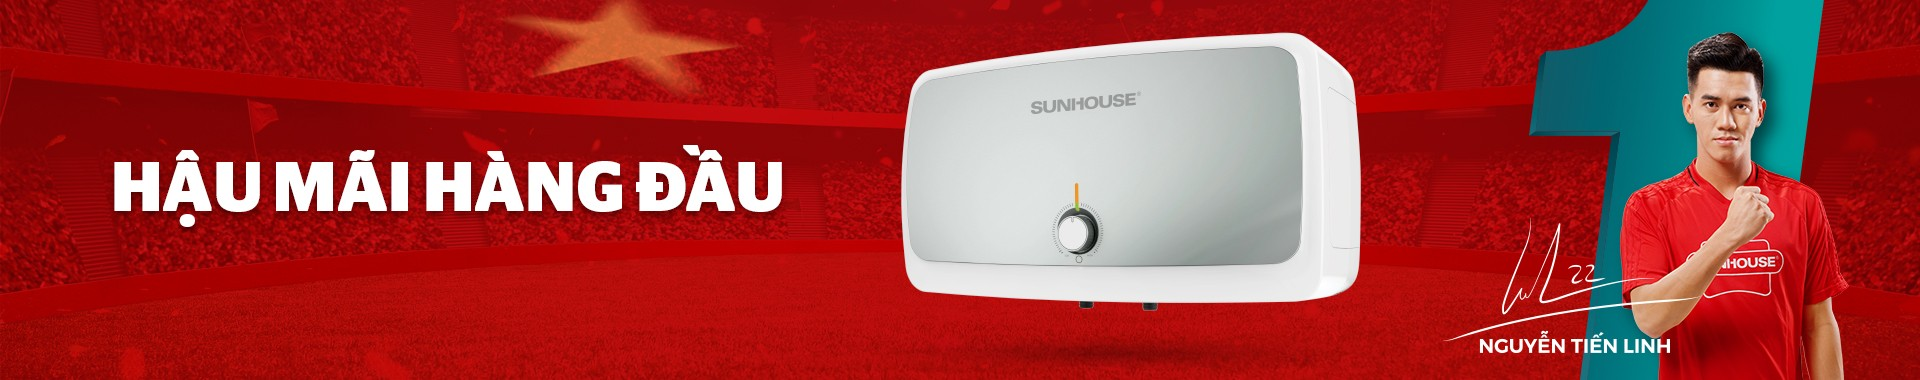 Bình nóng lạnh - Máy nước nóng - Điện tử điện lạnh SUNHOUSE